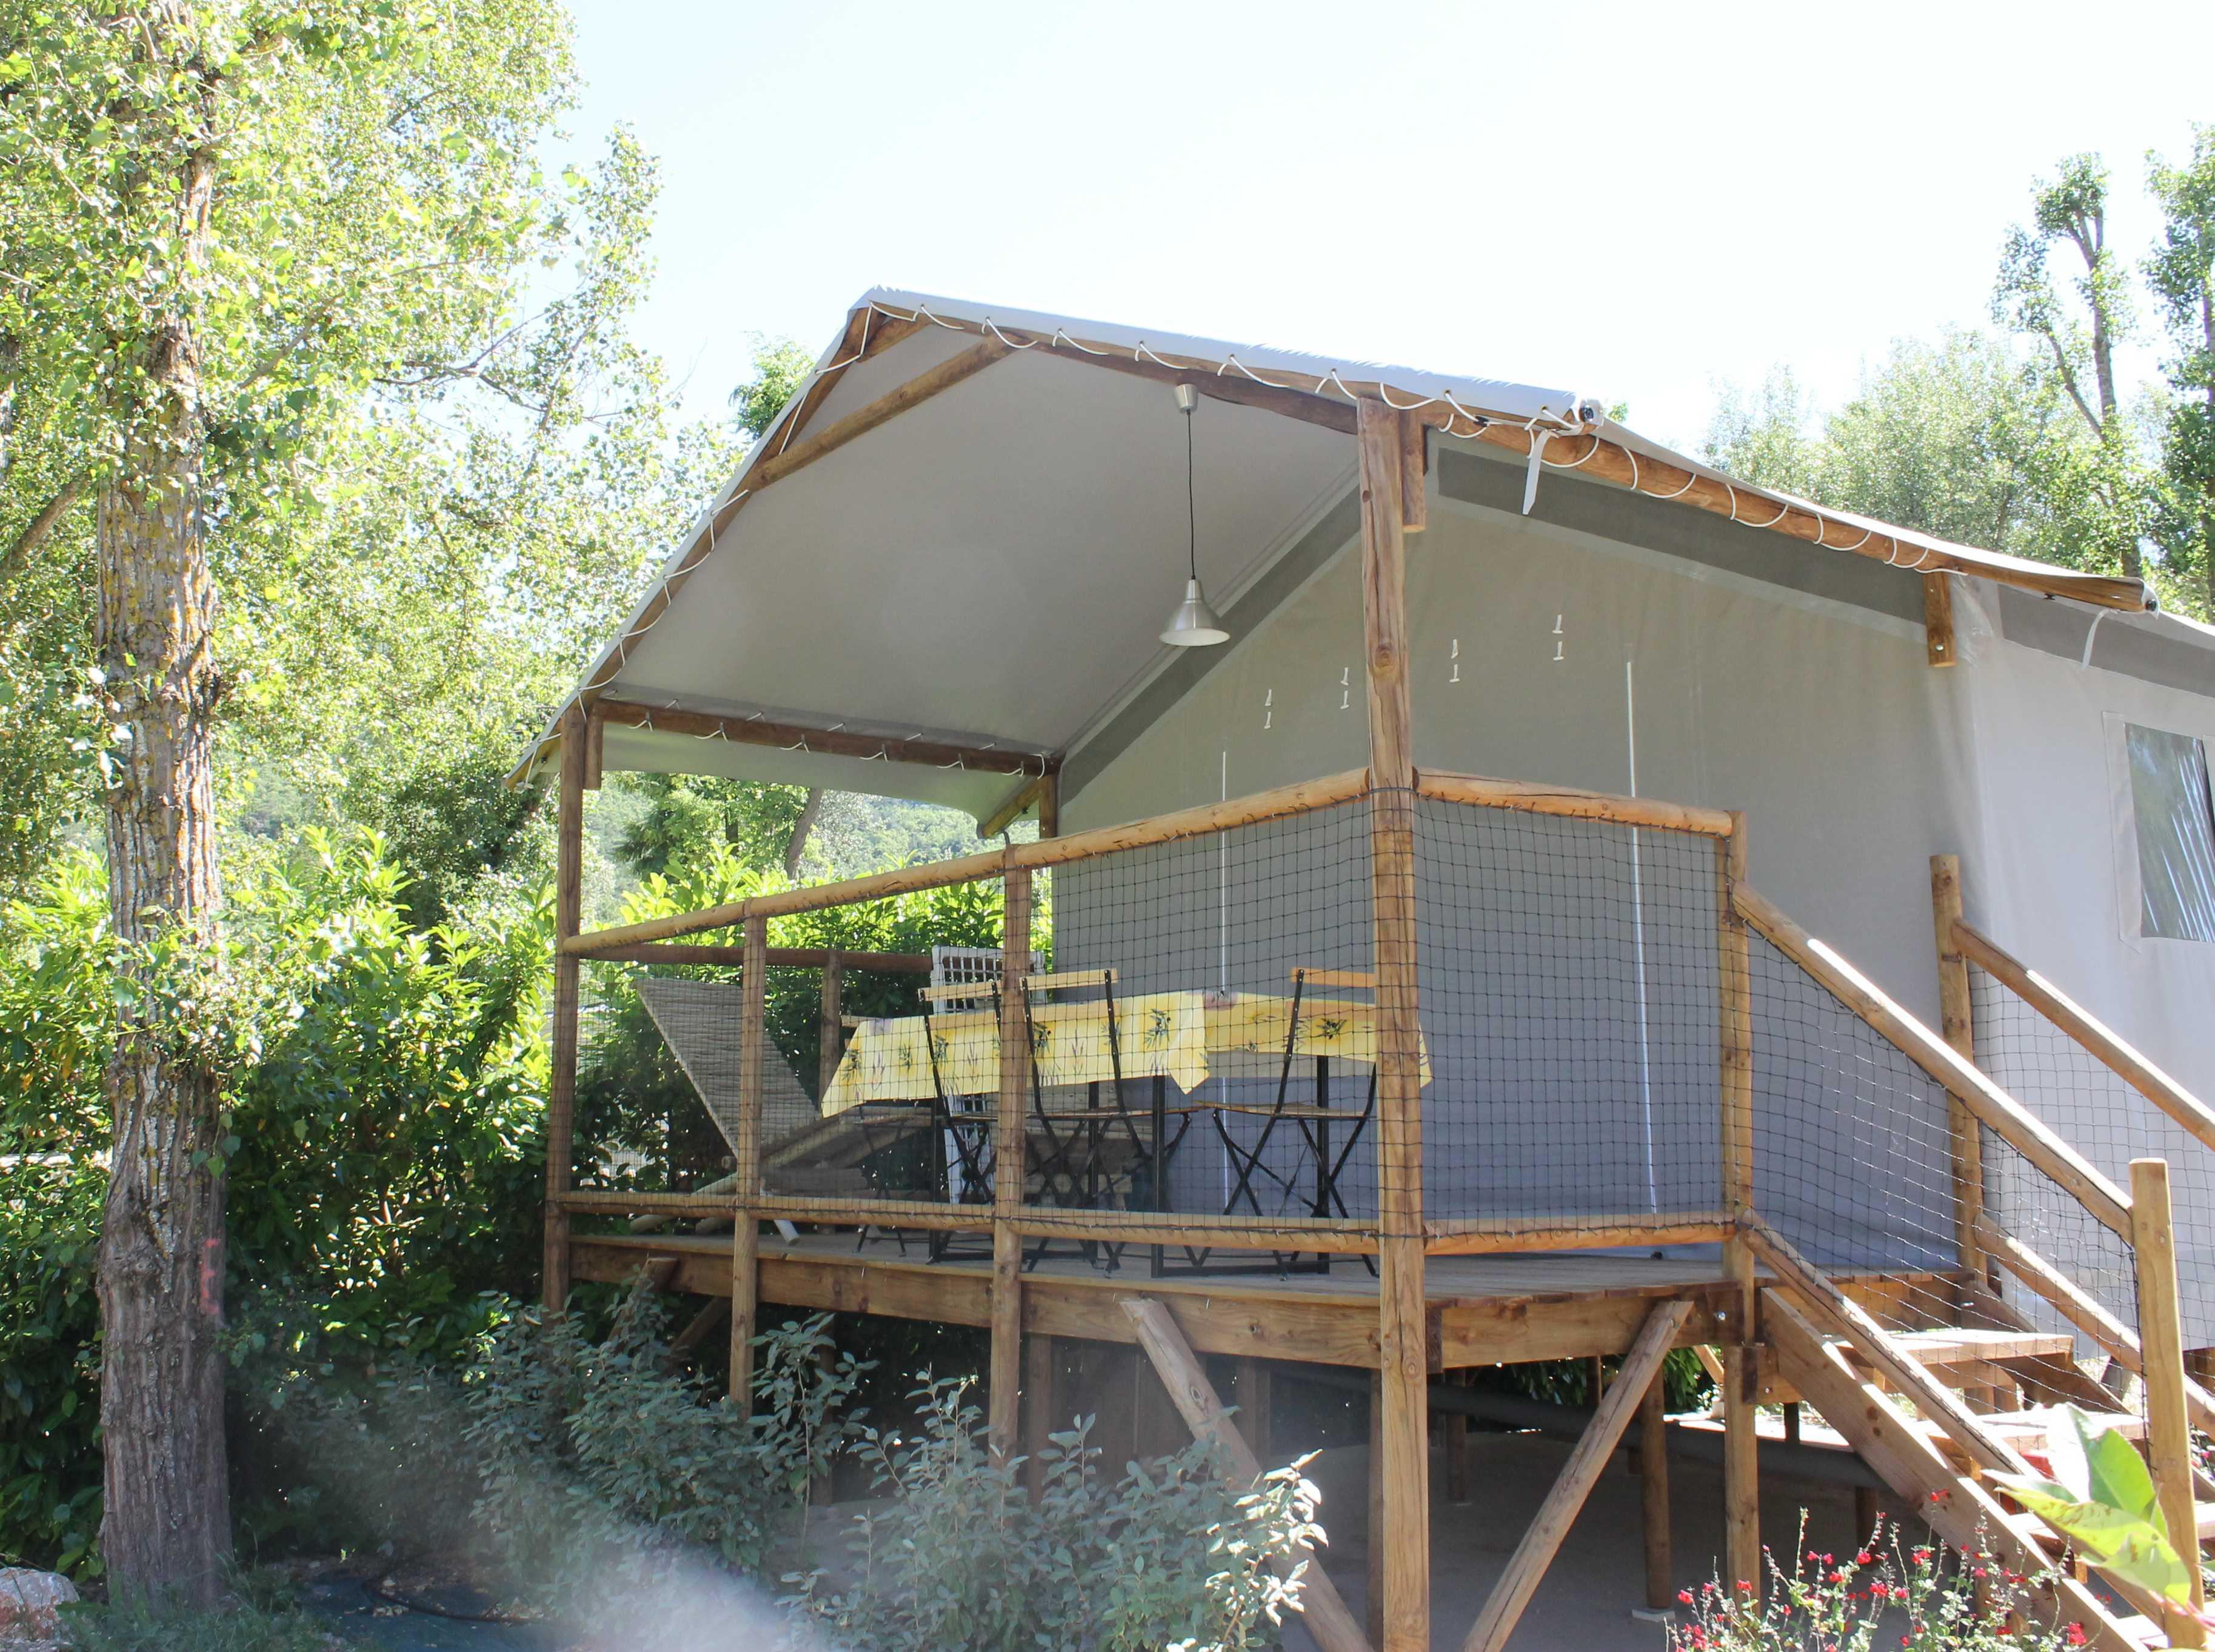 Location - Cabane Confort Lodge Sur Pilotis 32M² (2 Chambres) Terrasse Couverte - Flower Camping La Riviere